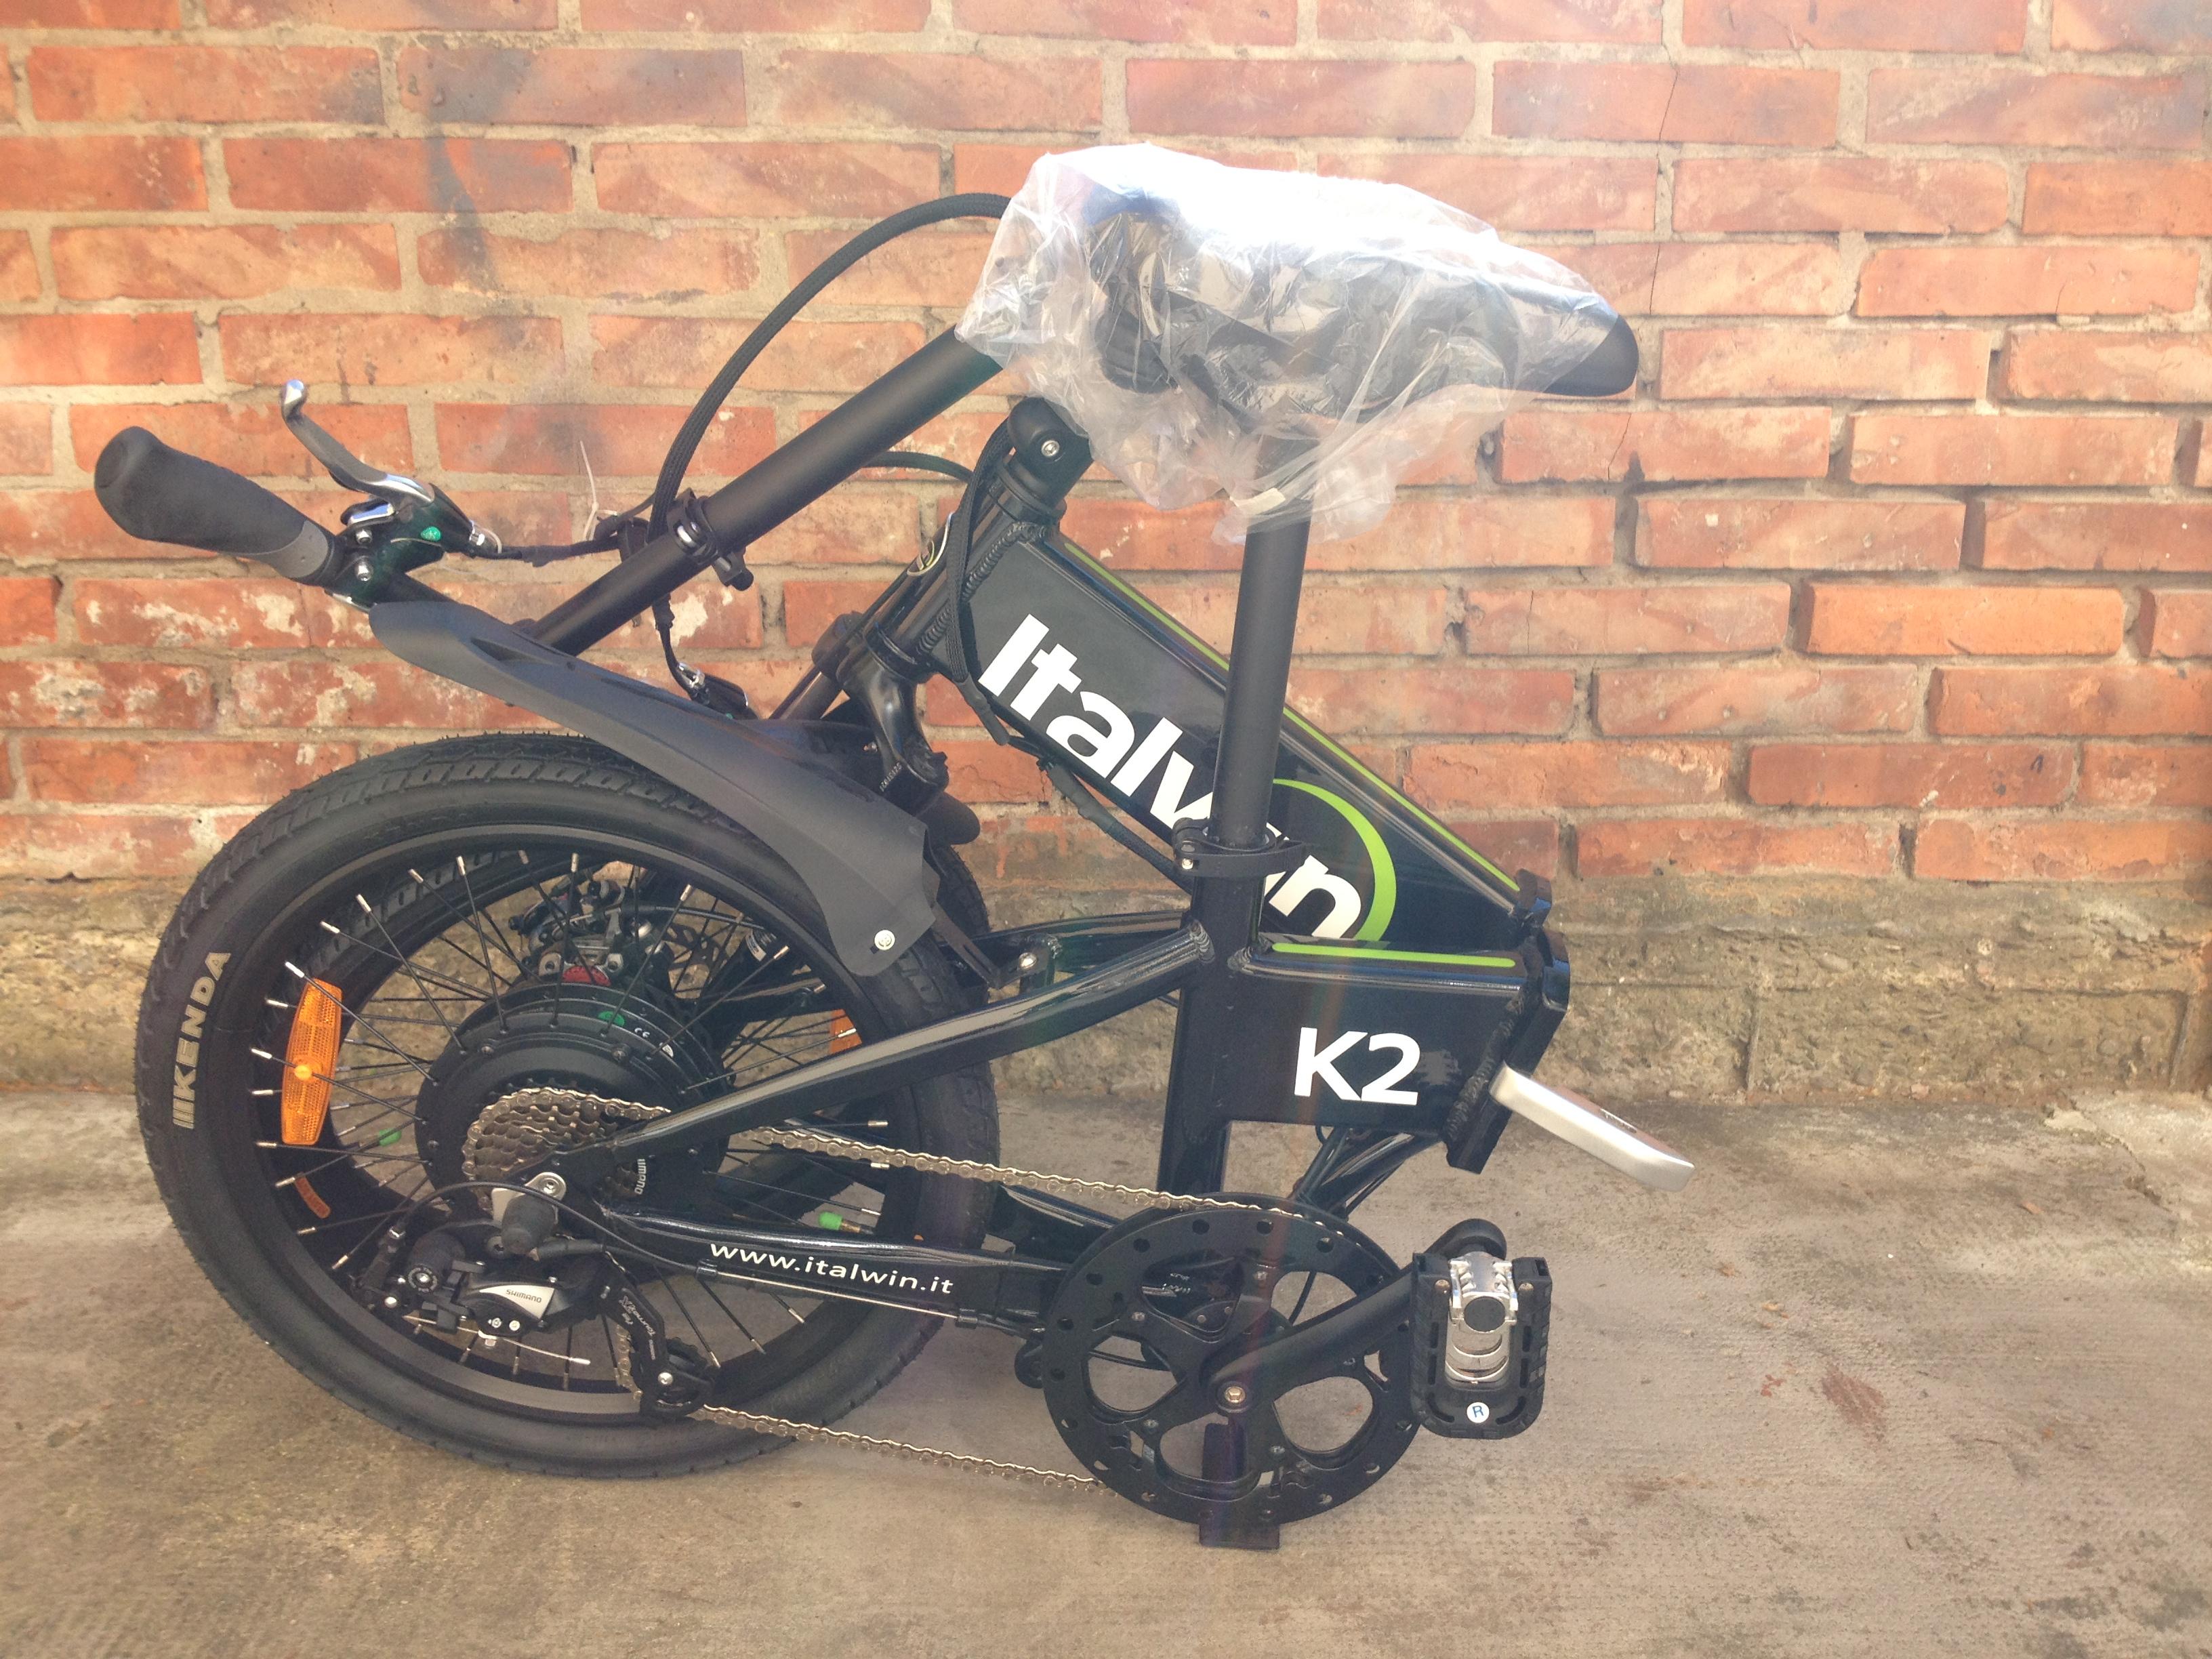 Italwin K2 Bici Elettrica Assistita Pighevole Zanetti Cicli